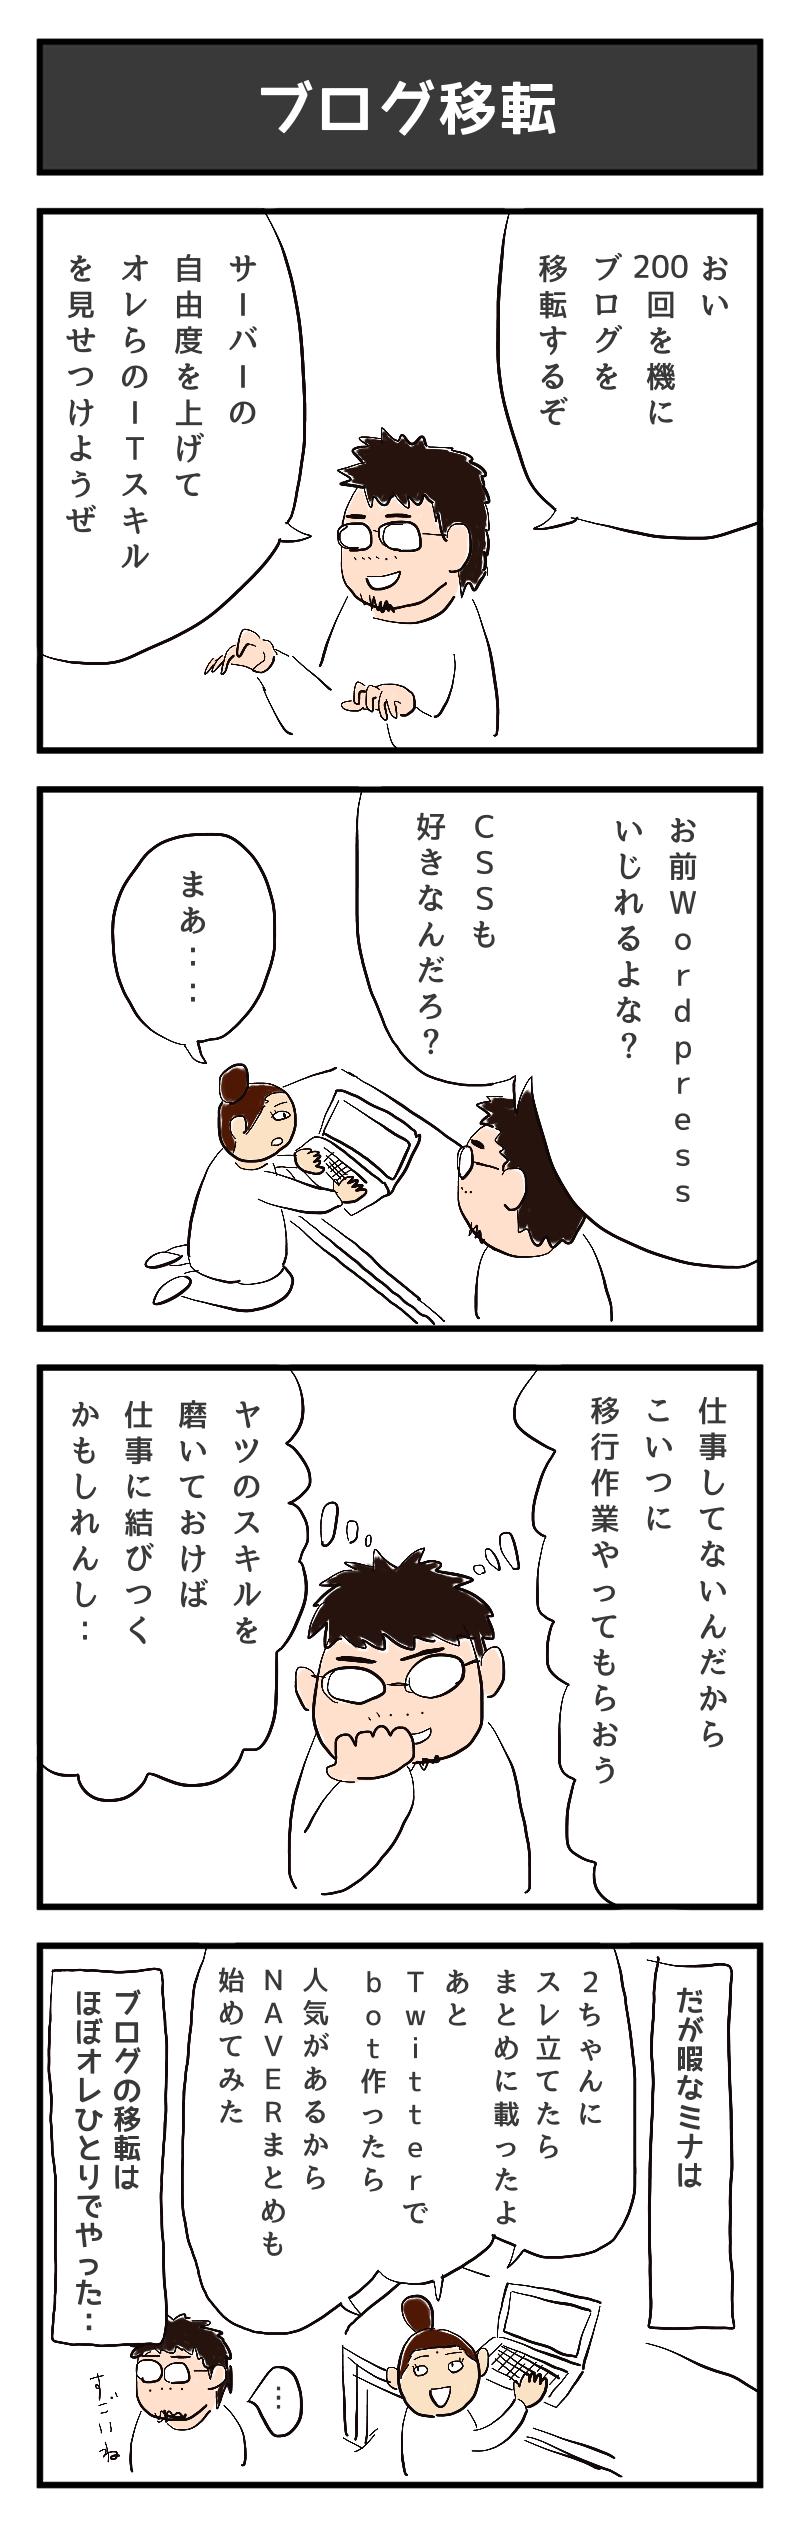 【200】ブログ移転